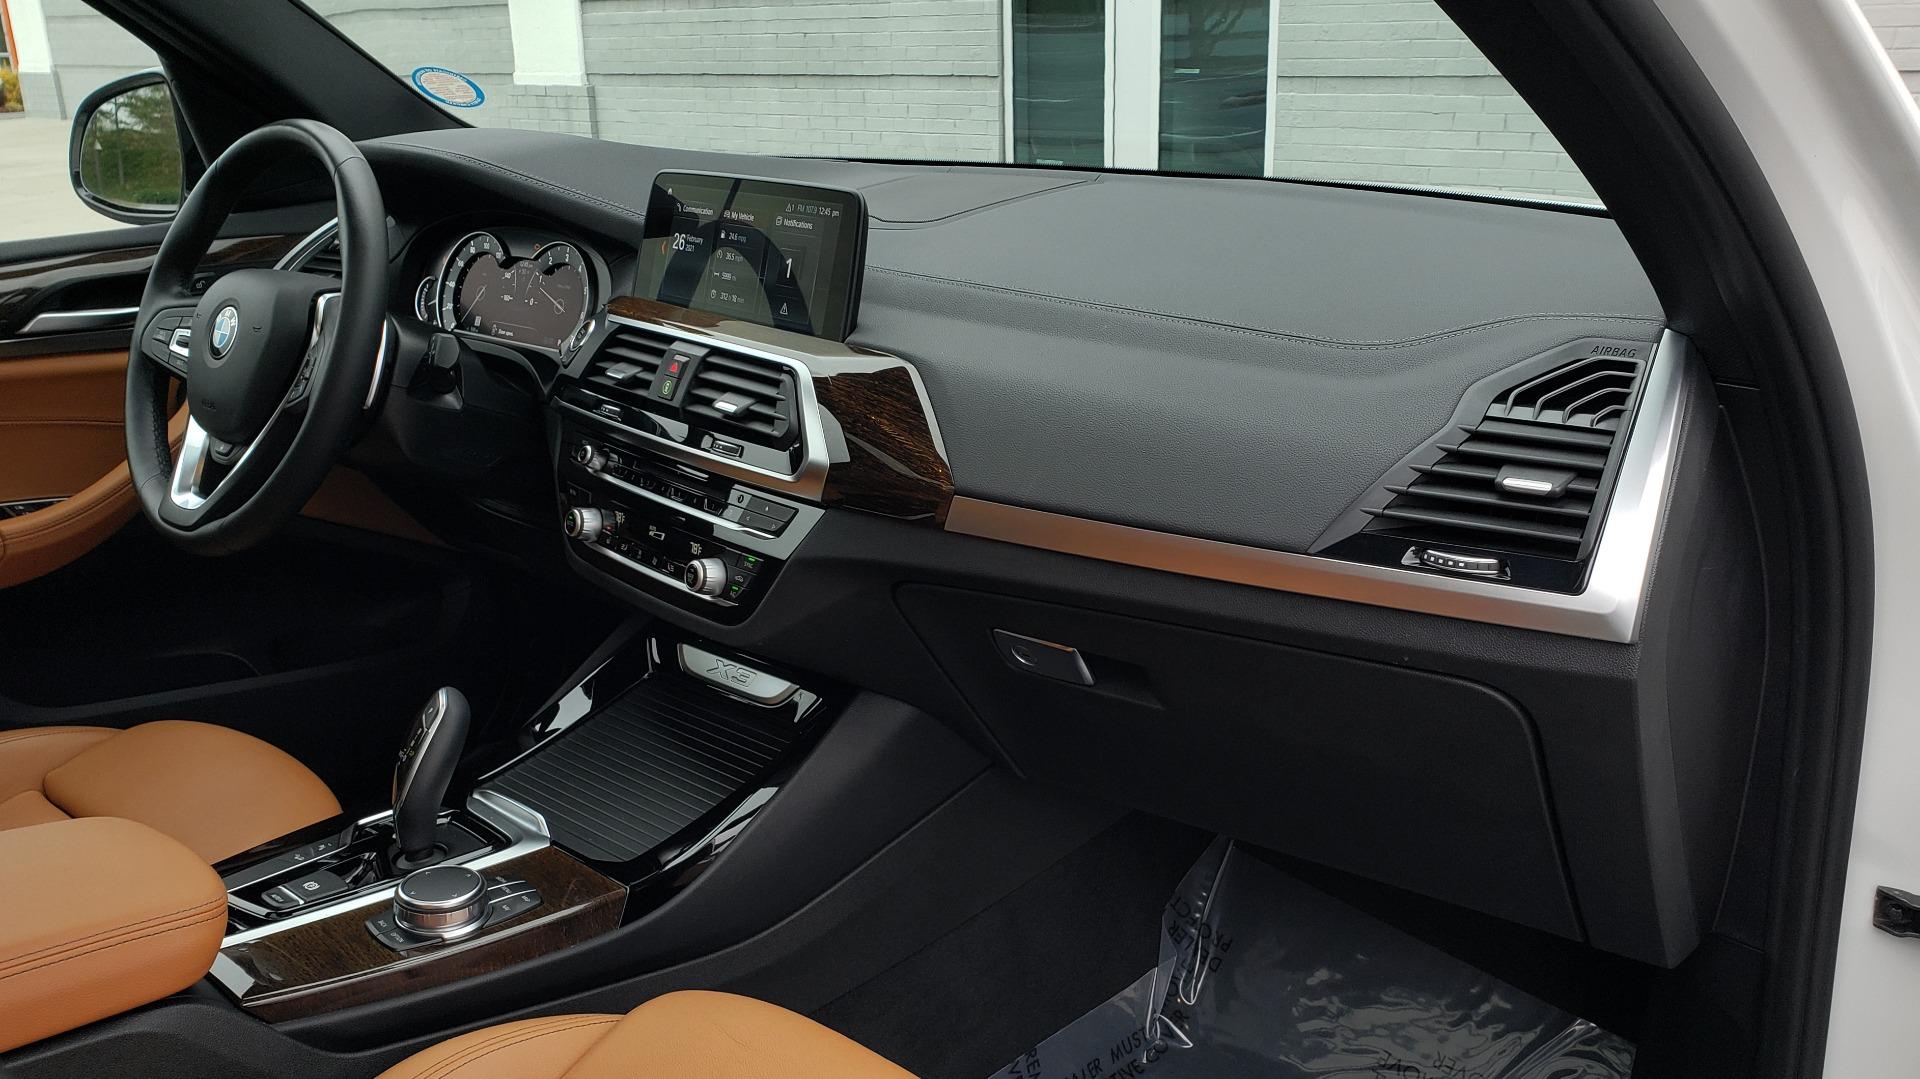 Used 2018 BMW X3 XDRIVE30I / LUX PKG / PREM PKG / CONV PKG / PDC / APPLE CARPLAY for sale Sold at Formula Imports in Charlotte NC 28227 74